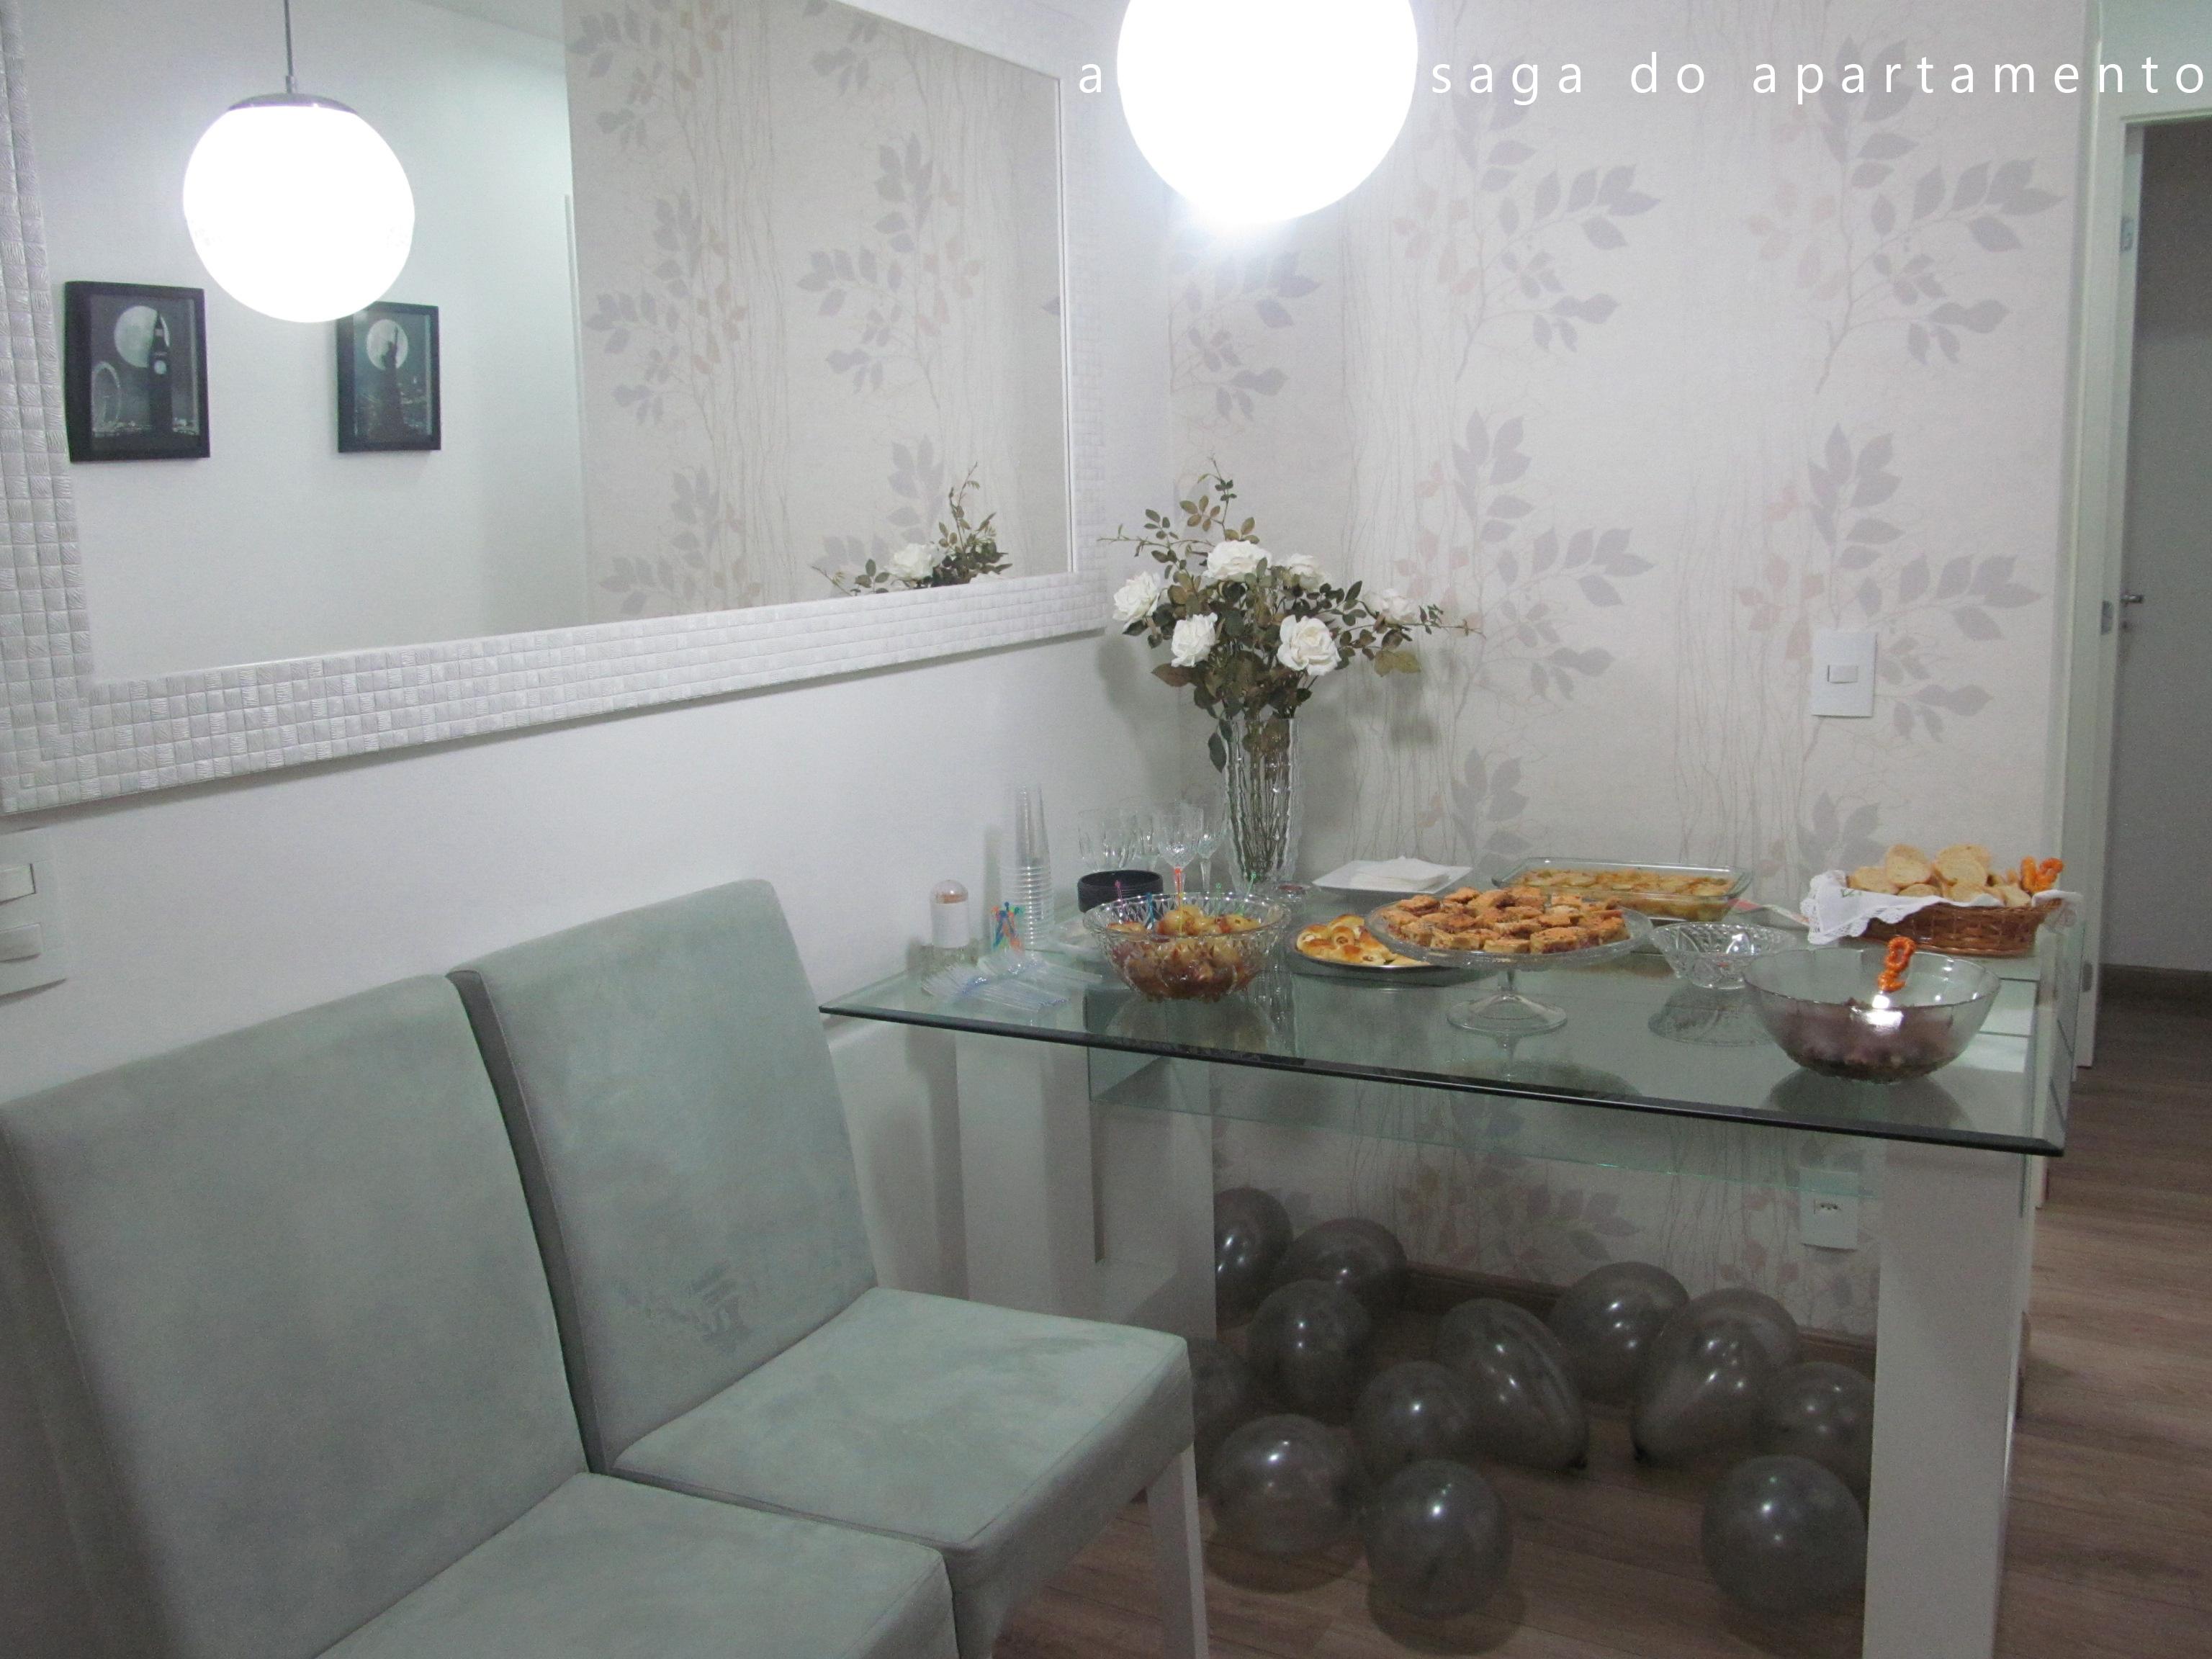 Sala De Estar E Jantar Apartamento Pequeno Projeto Para Interiores  -> Modelo De Forro Rebaixado Em Apartamentos 51M2